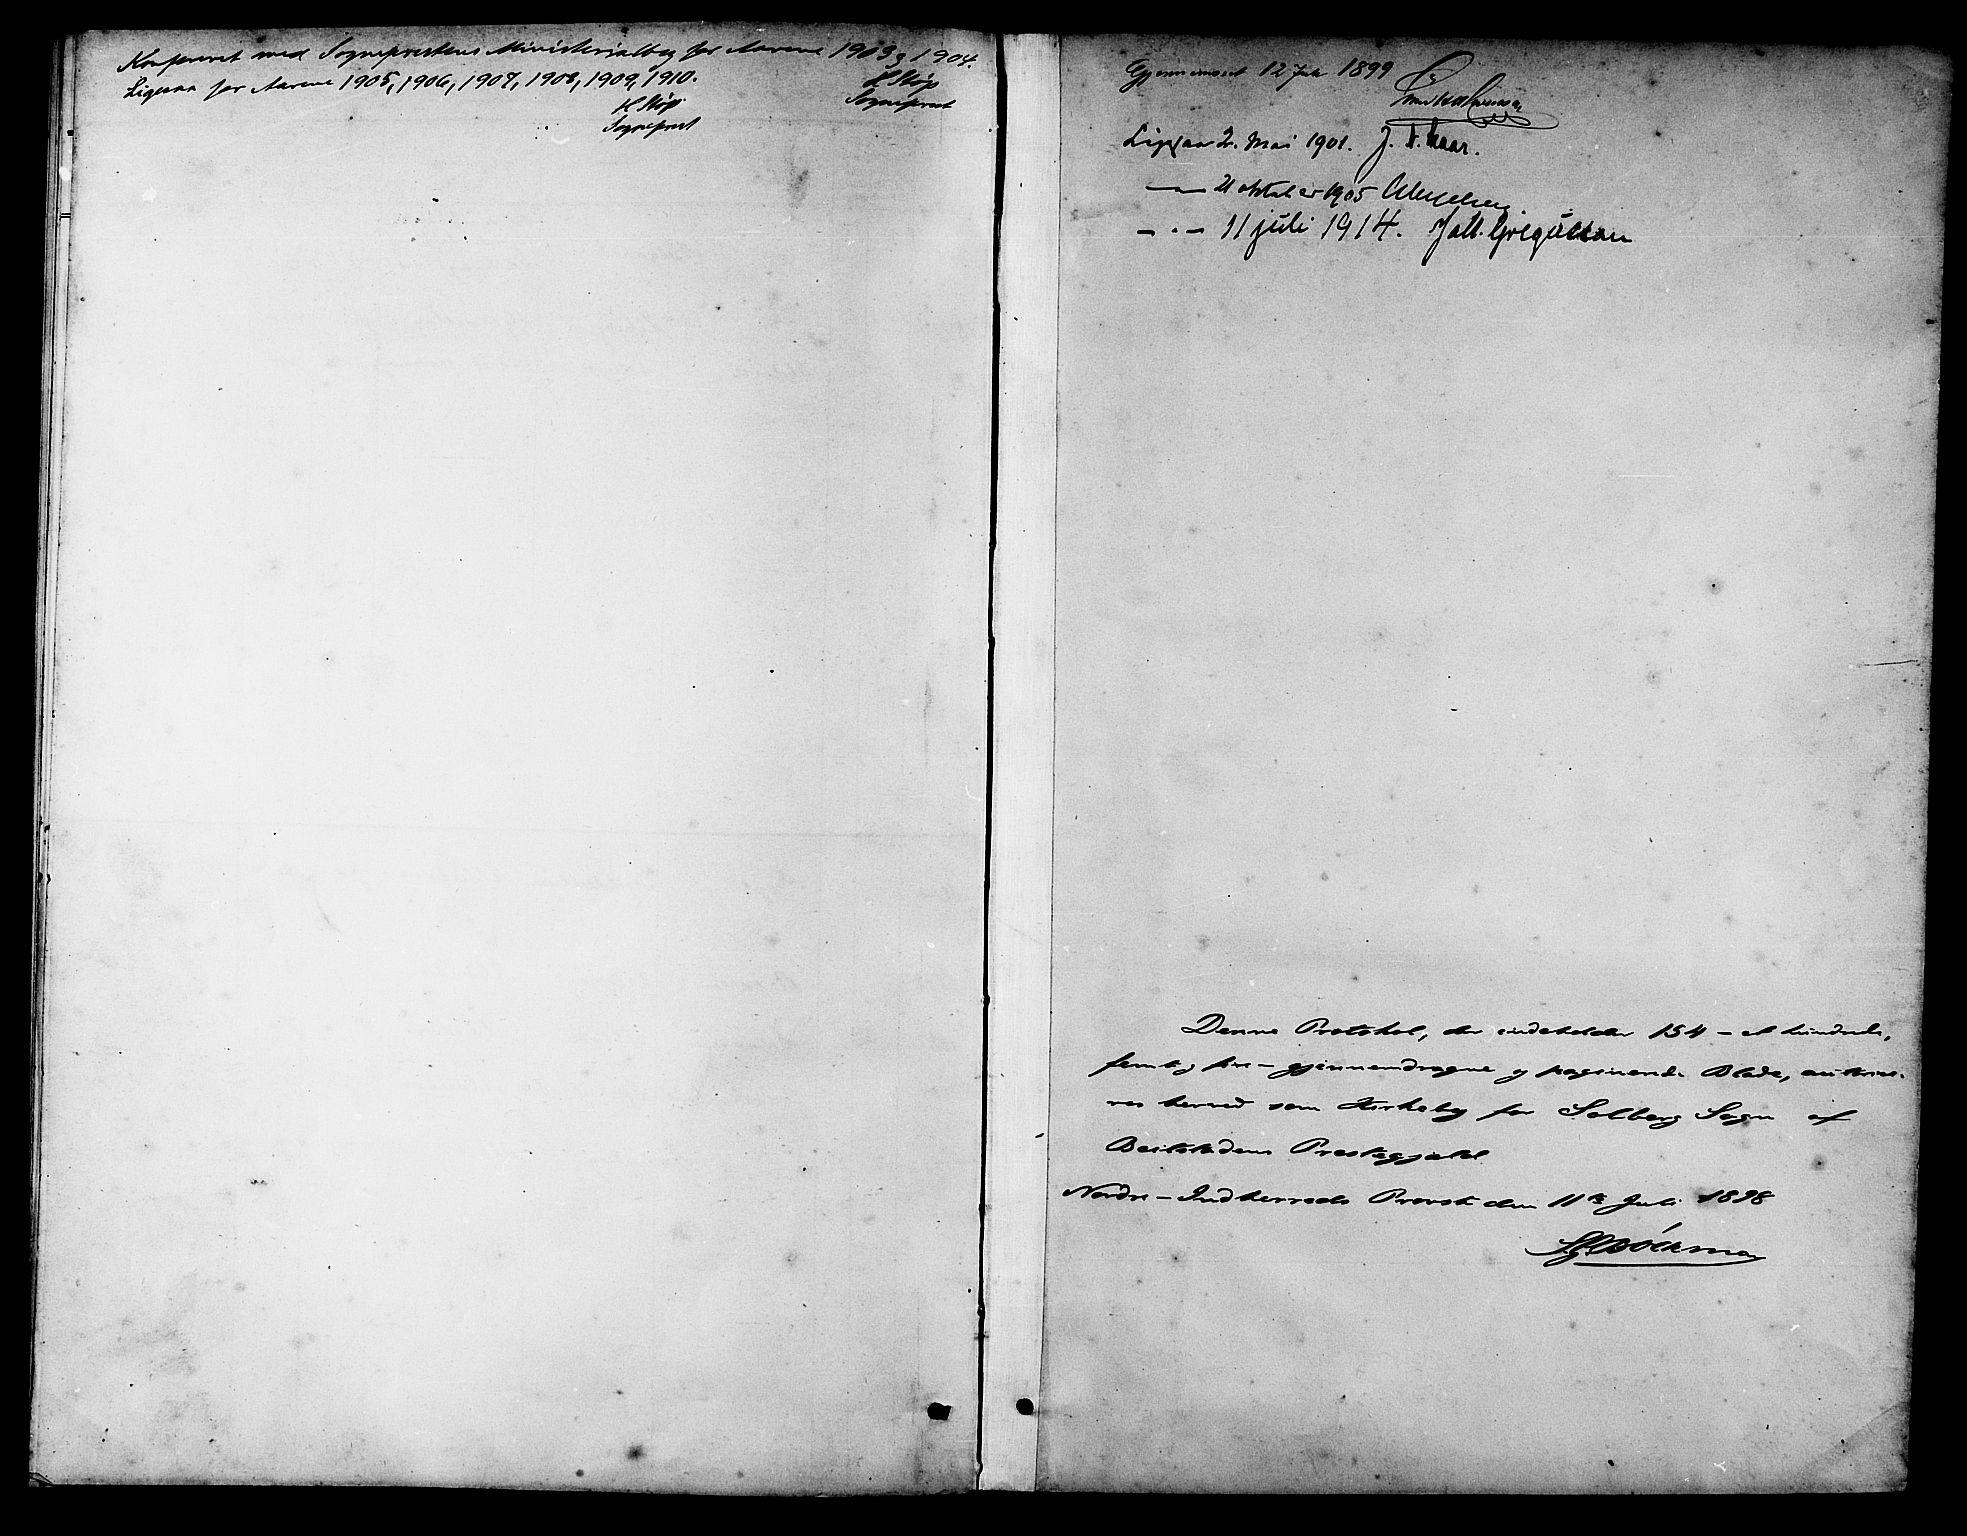 SAT, Ministerialprotokoller, klokkerbøker og fødselsregistre - Nord-Trøndelag, 741/L0401: Klokkerbok nr. 741C02, 1899-1911